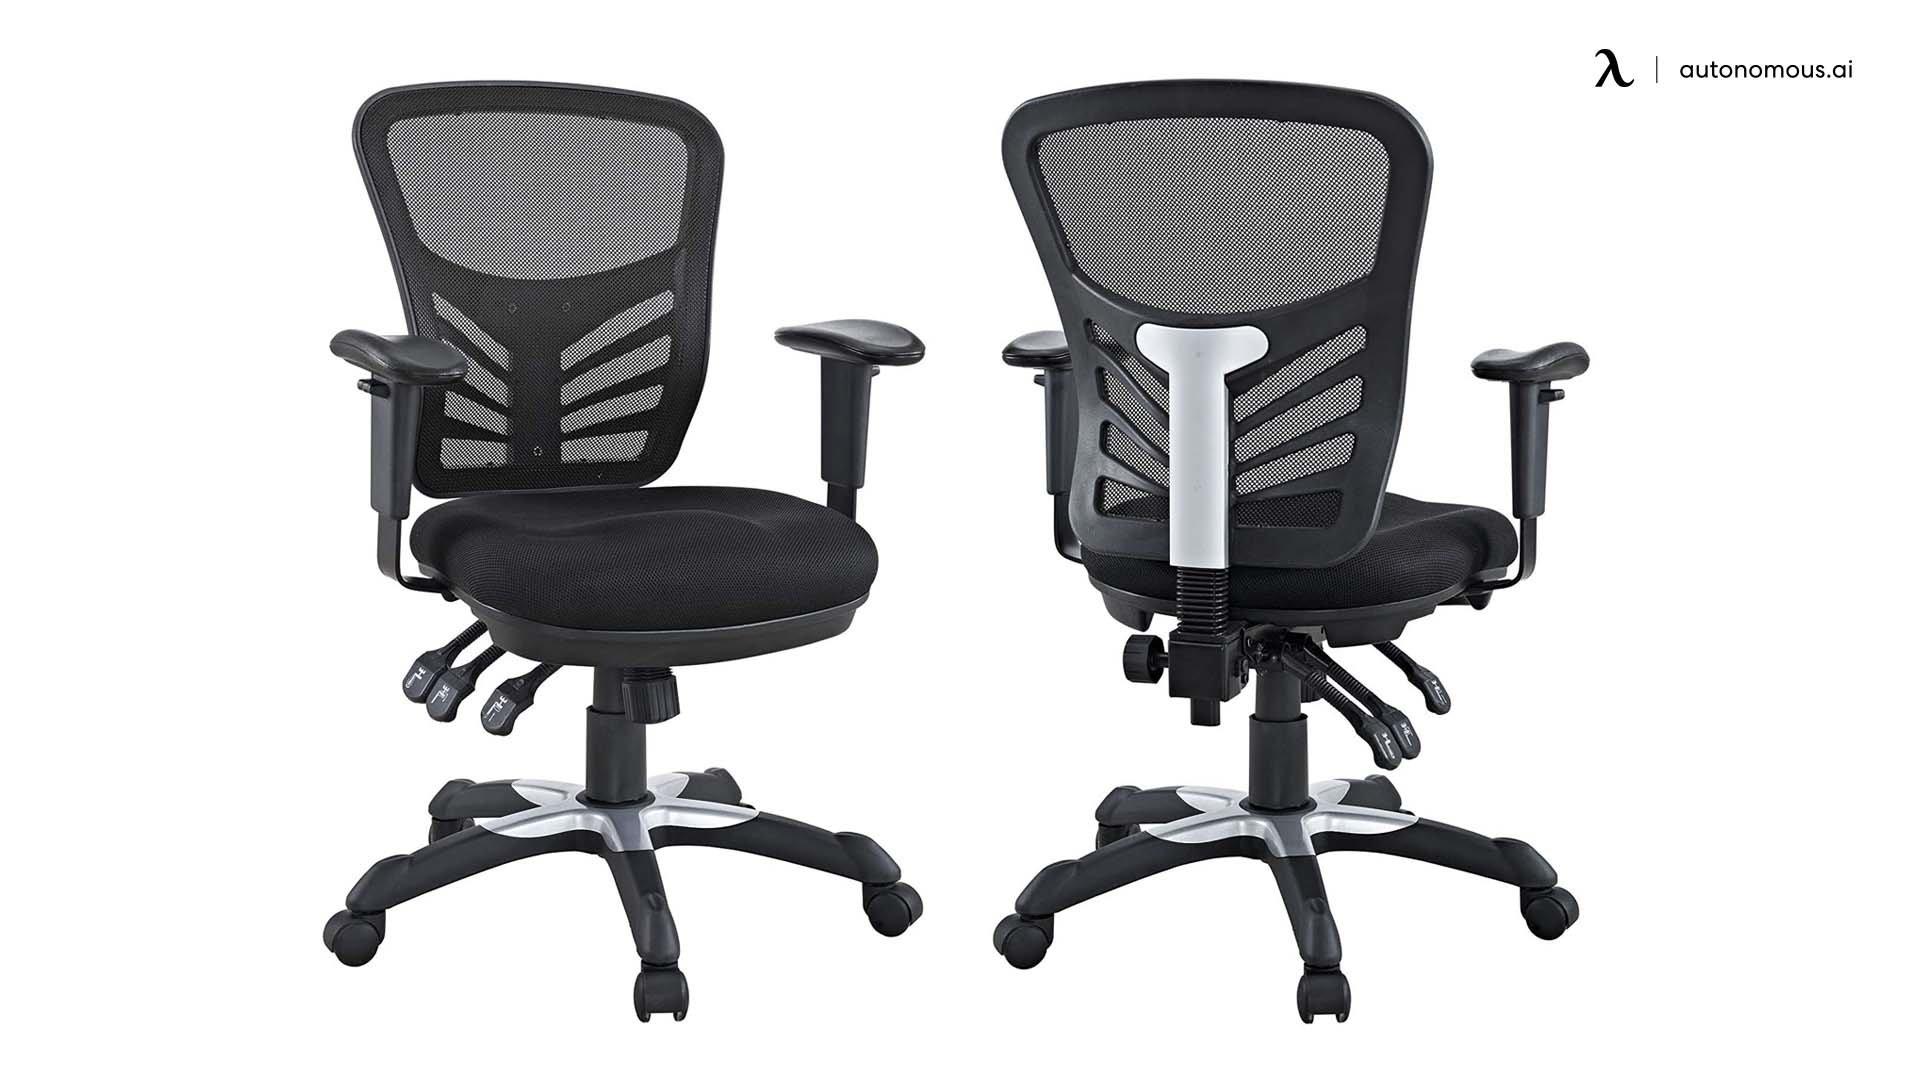 Modway Articulate Mesh Ergonomic Chair